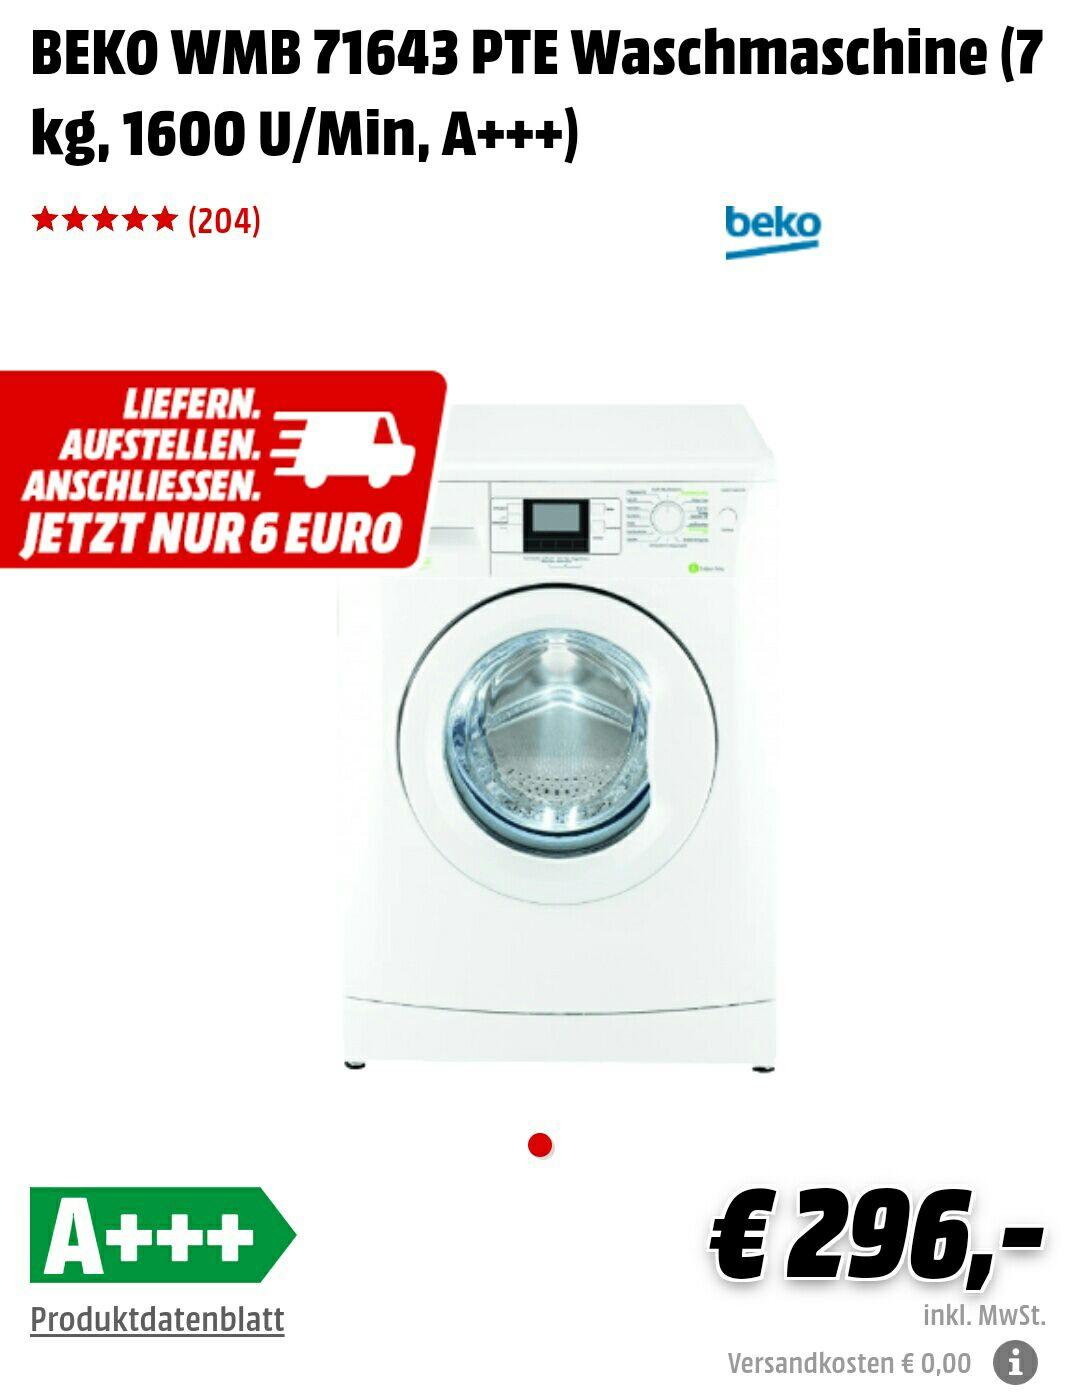 Media Markt - BEKO WMB 71643 PTE Waschmaschine - On- und Offline Deutschlandweit Preis: 296,- statt 318,90€ - *Update*: immer noch verfügbar!